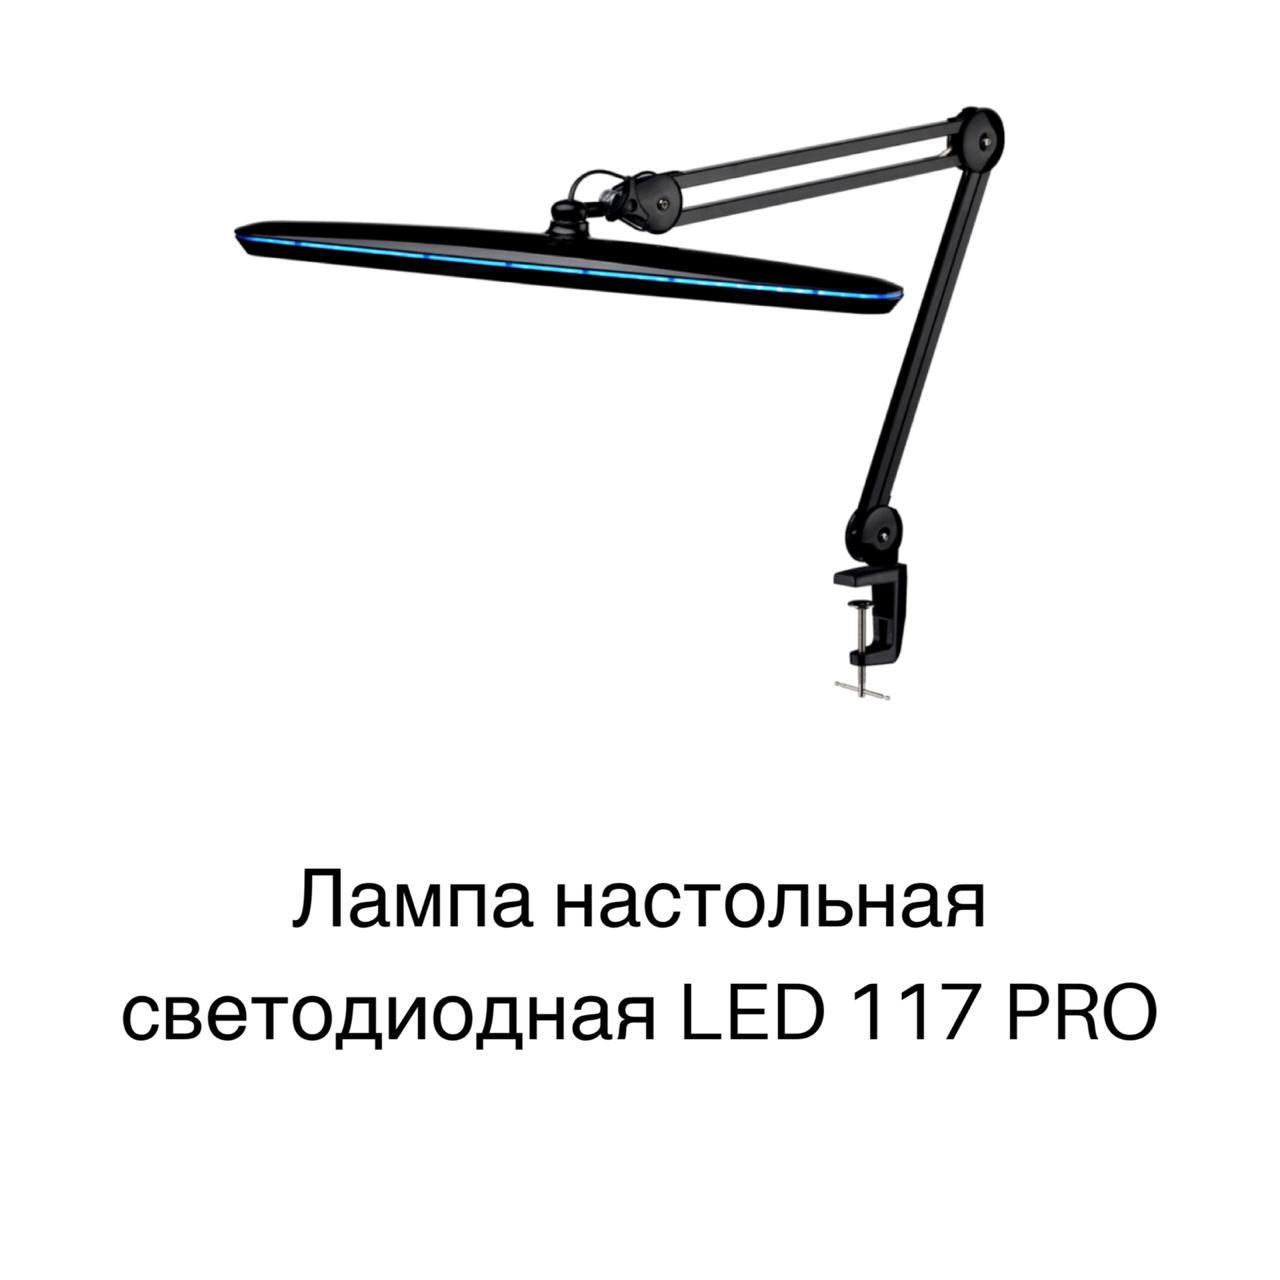 Лампа настольная светодиодная LED 117 PRO с димером яркости.